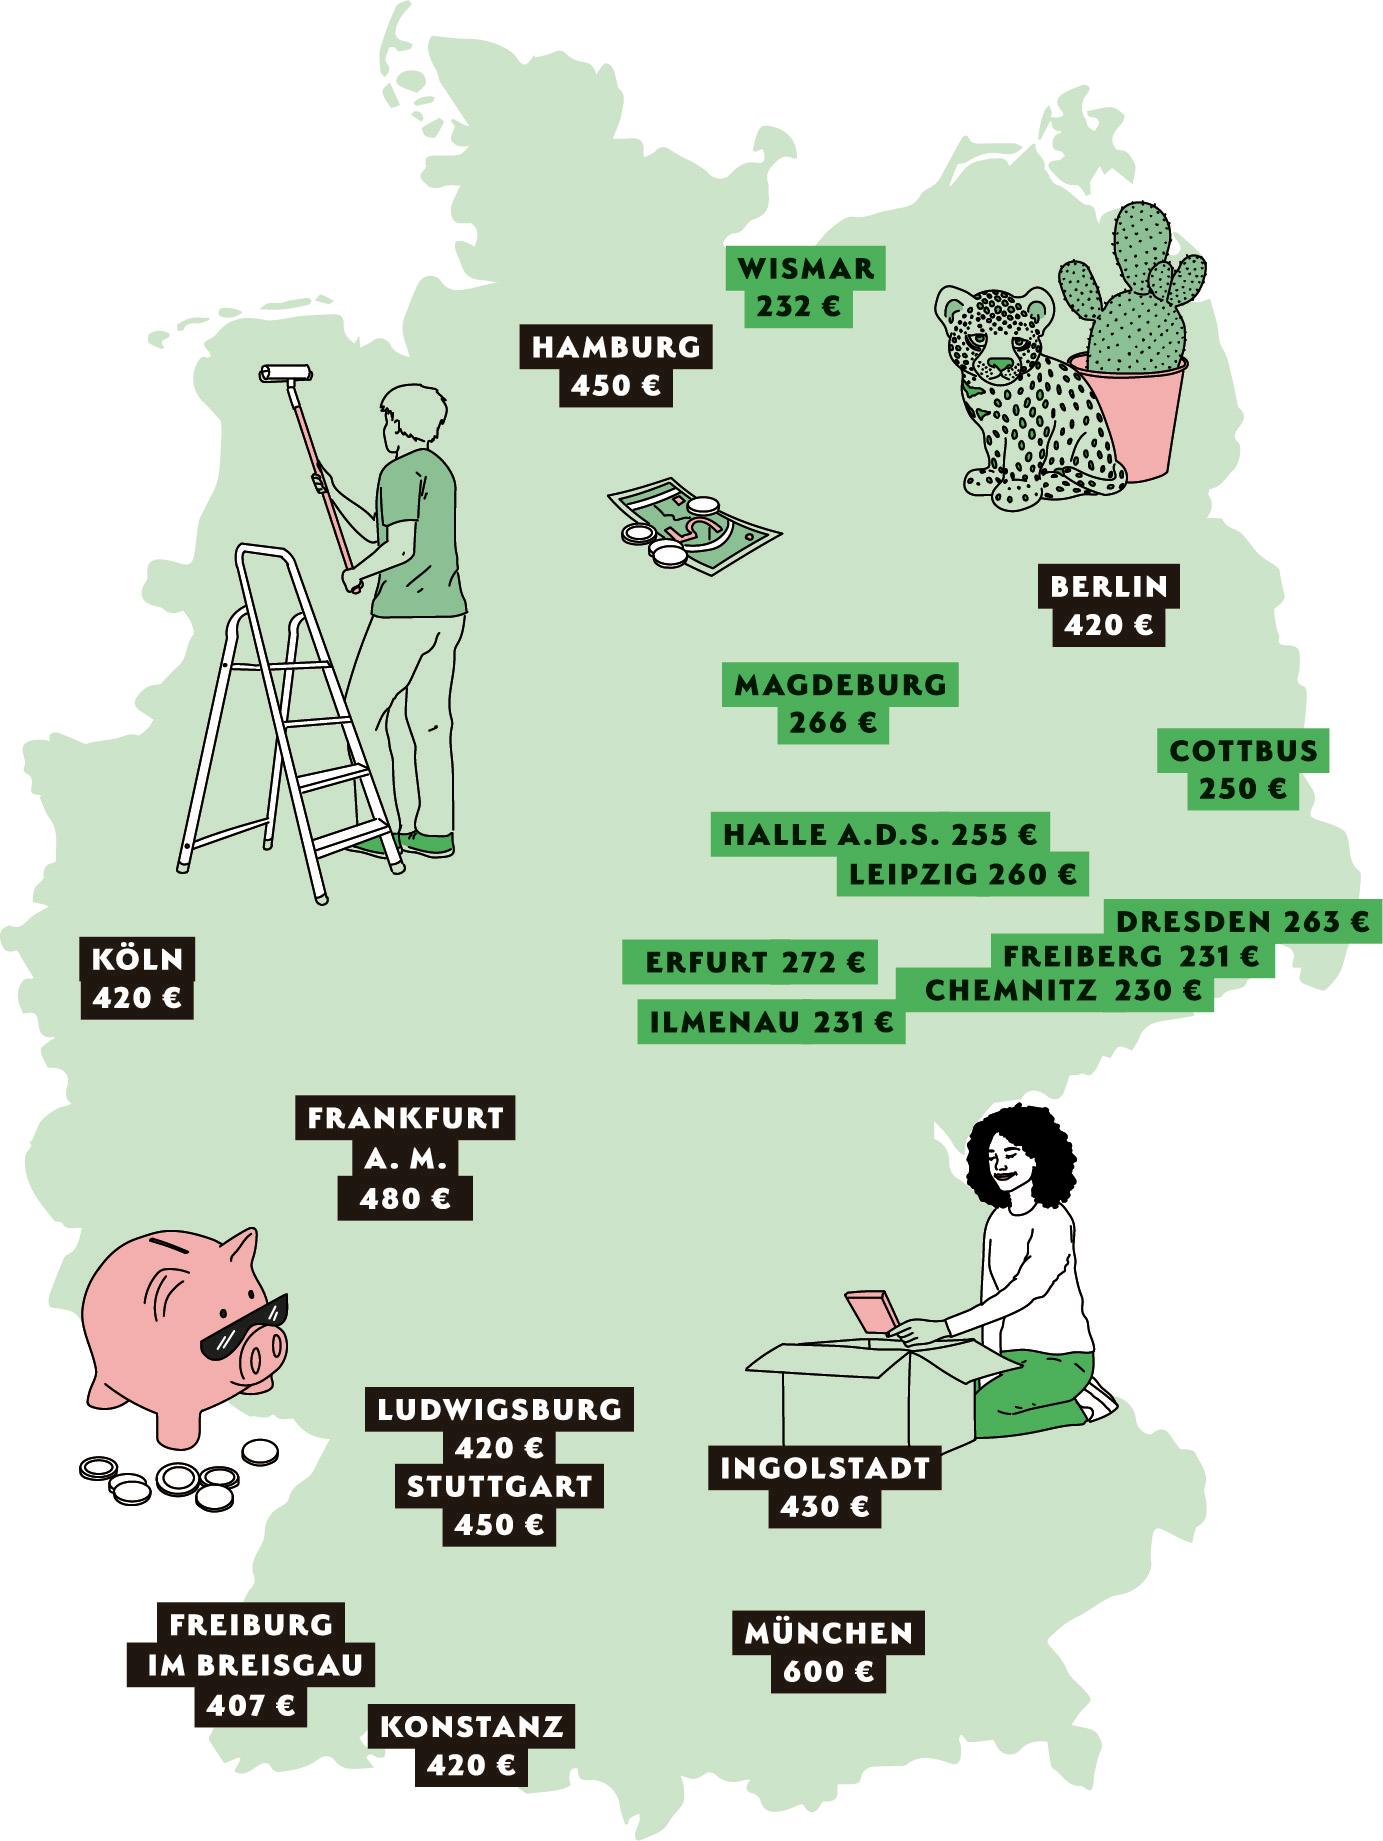 wg-gesucht.de freiburg